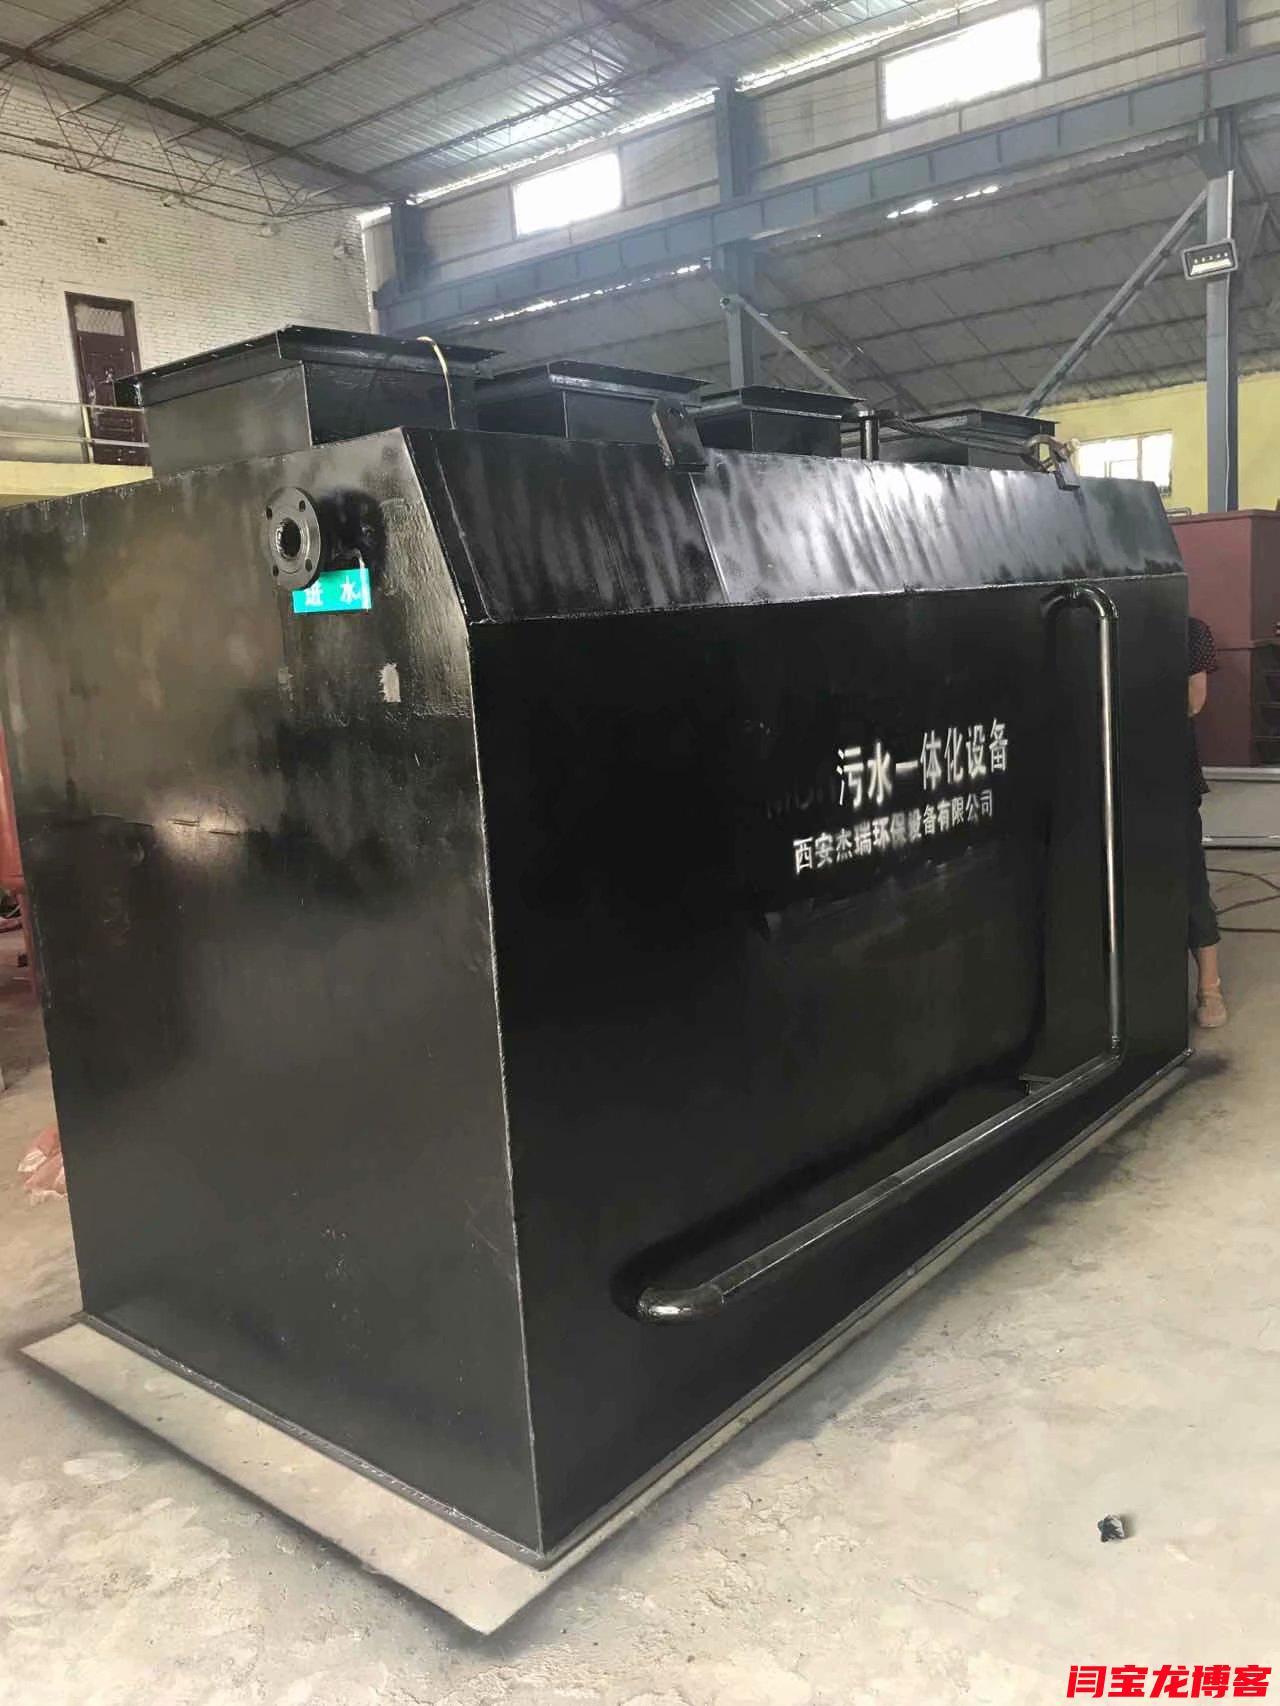 西安杰瑞环保分享工业废水处理设备是怎么样运行的?